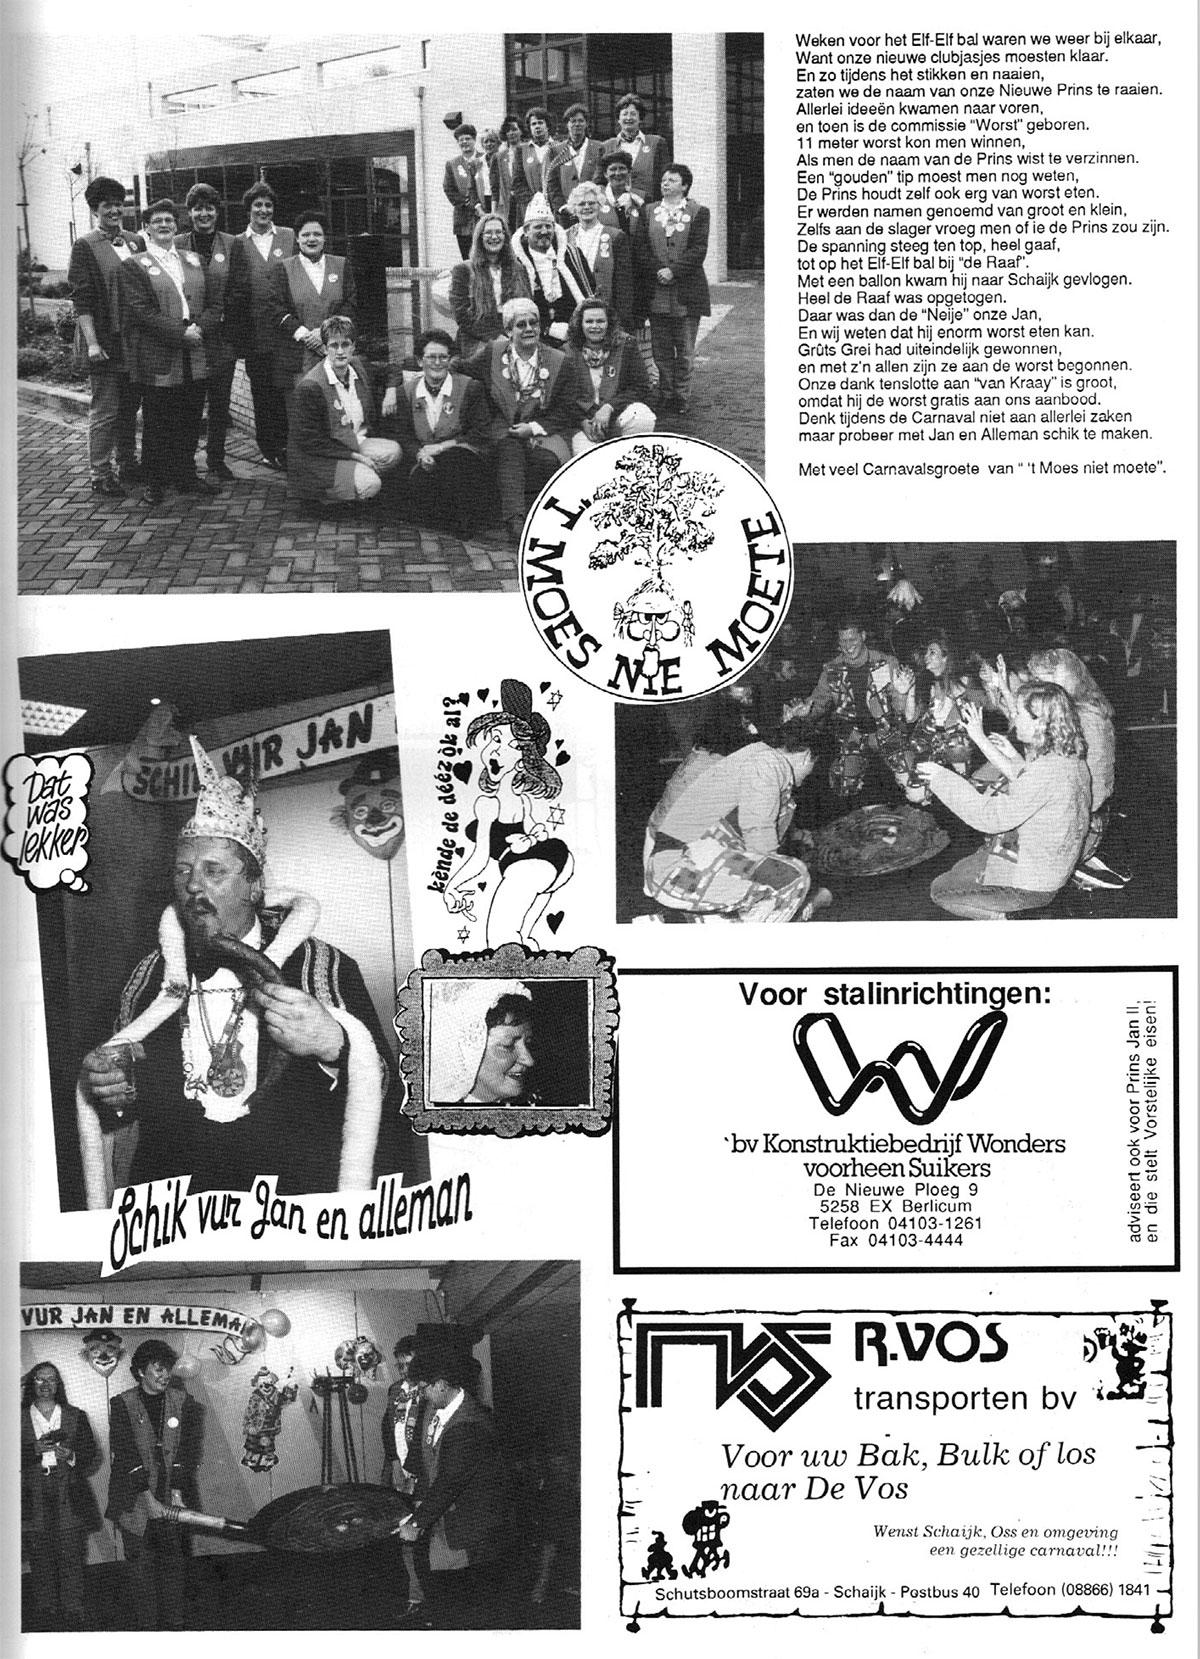 Carnavalskrant 't Moes Nie Moete - 1995